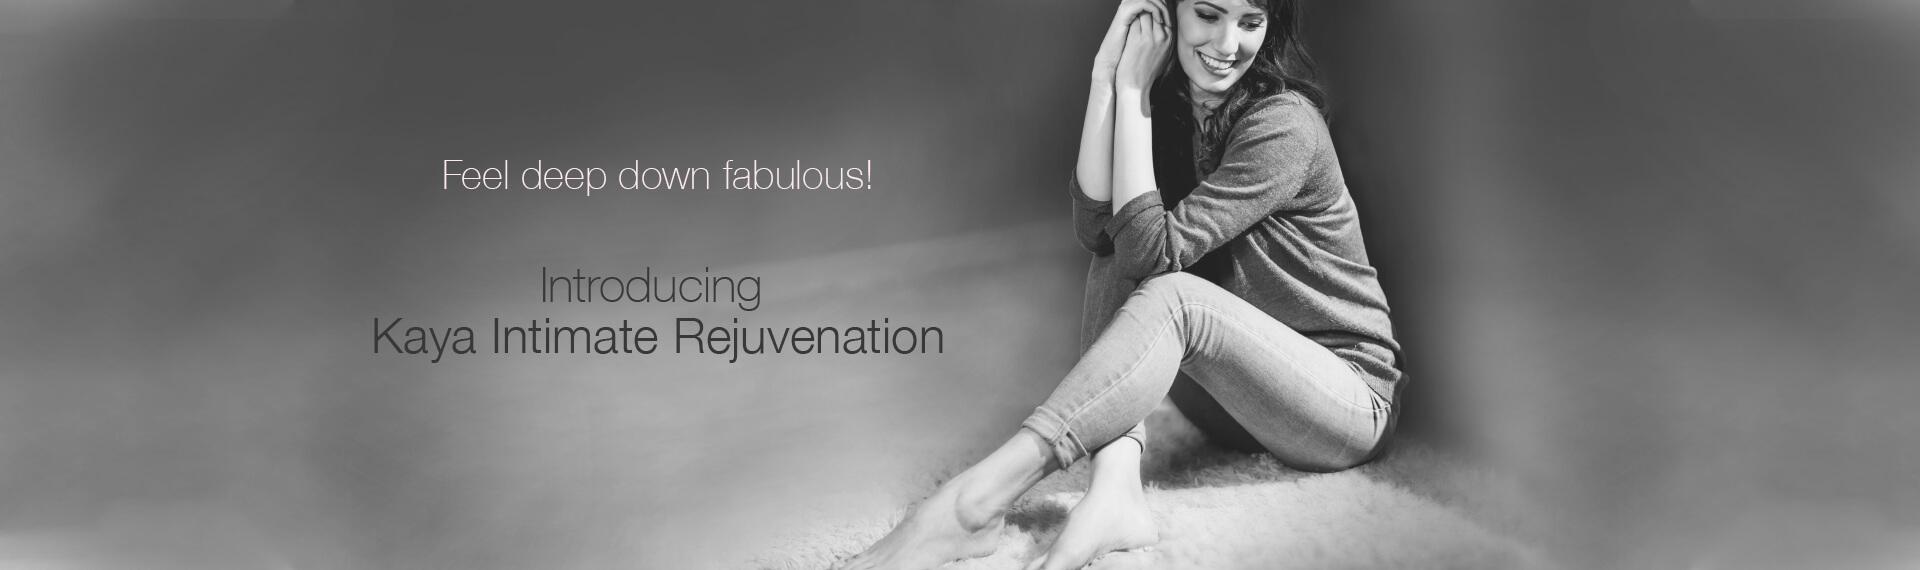 intimate rejuvenation